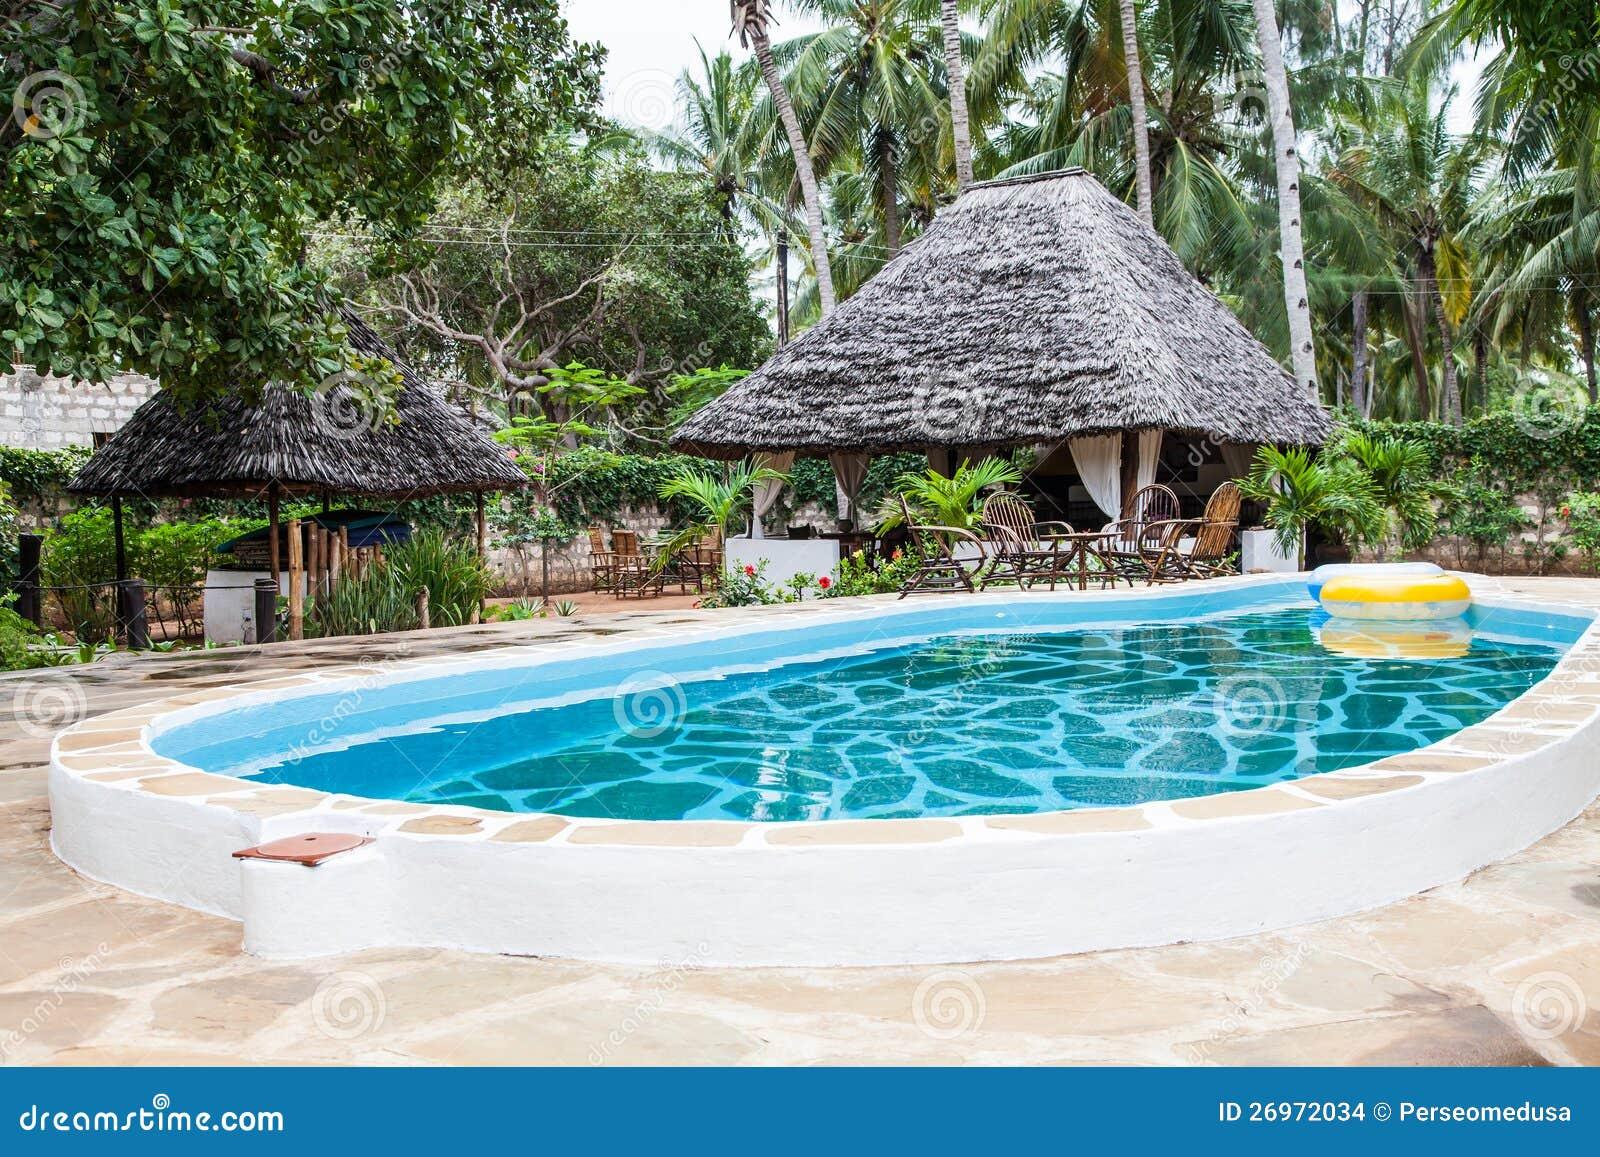 Zwembad in afrikaanse tuin stock afbeeldingen afbeelding 26972034 - Outs zwembad in de tuin ...